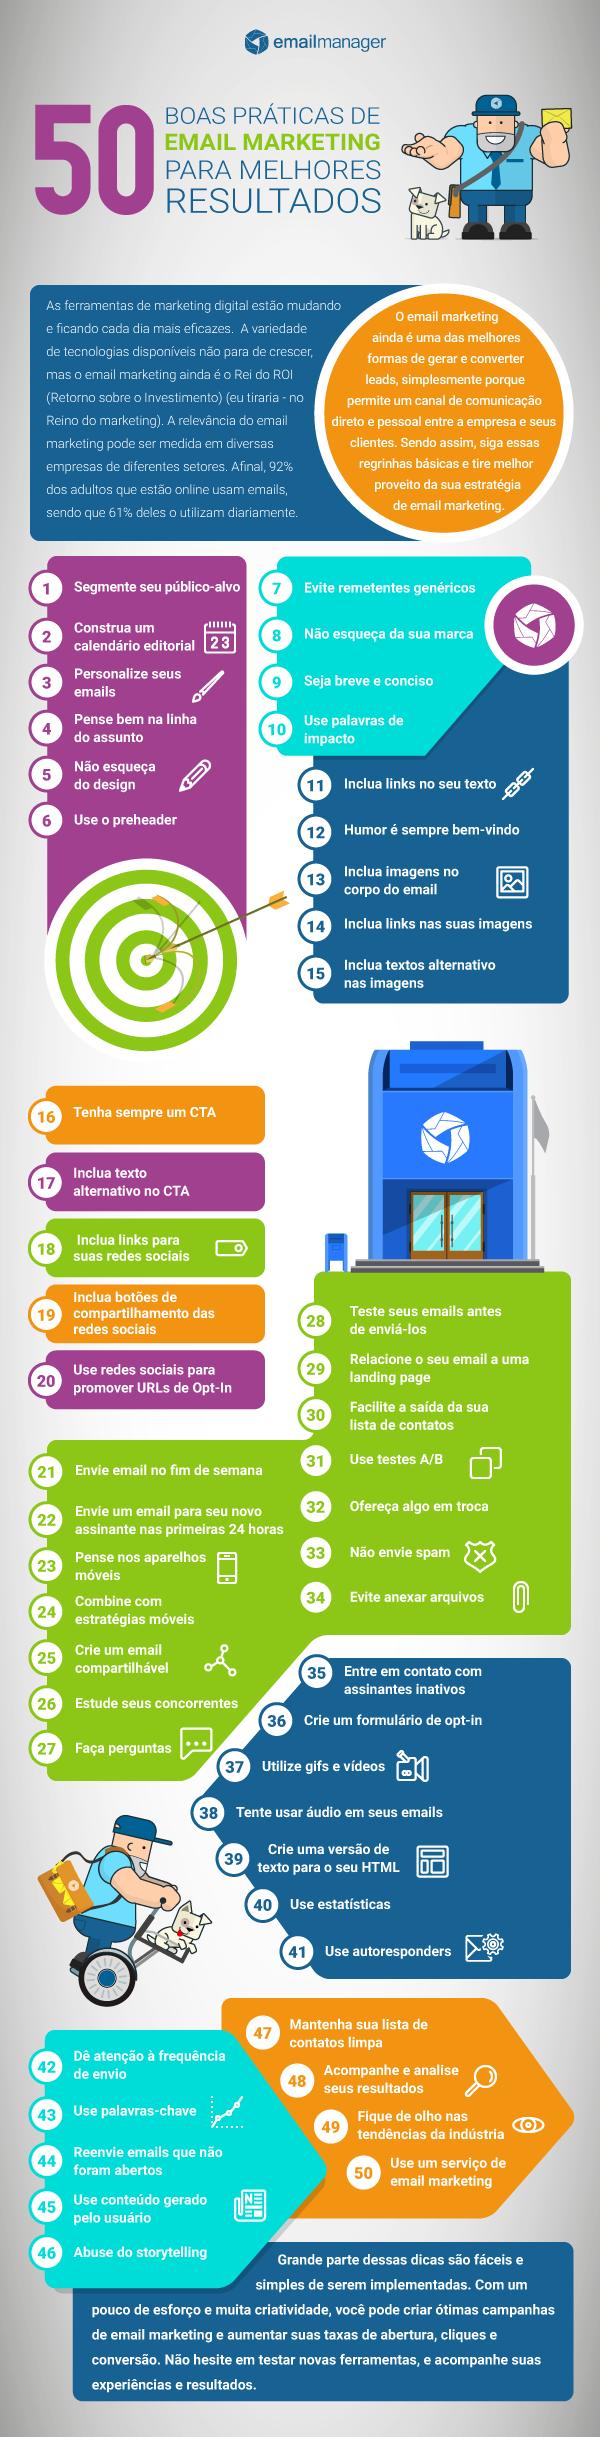 Infografico boas praticas de email marketing